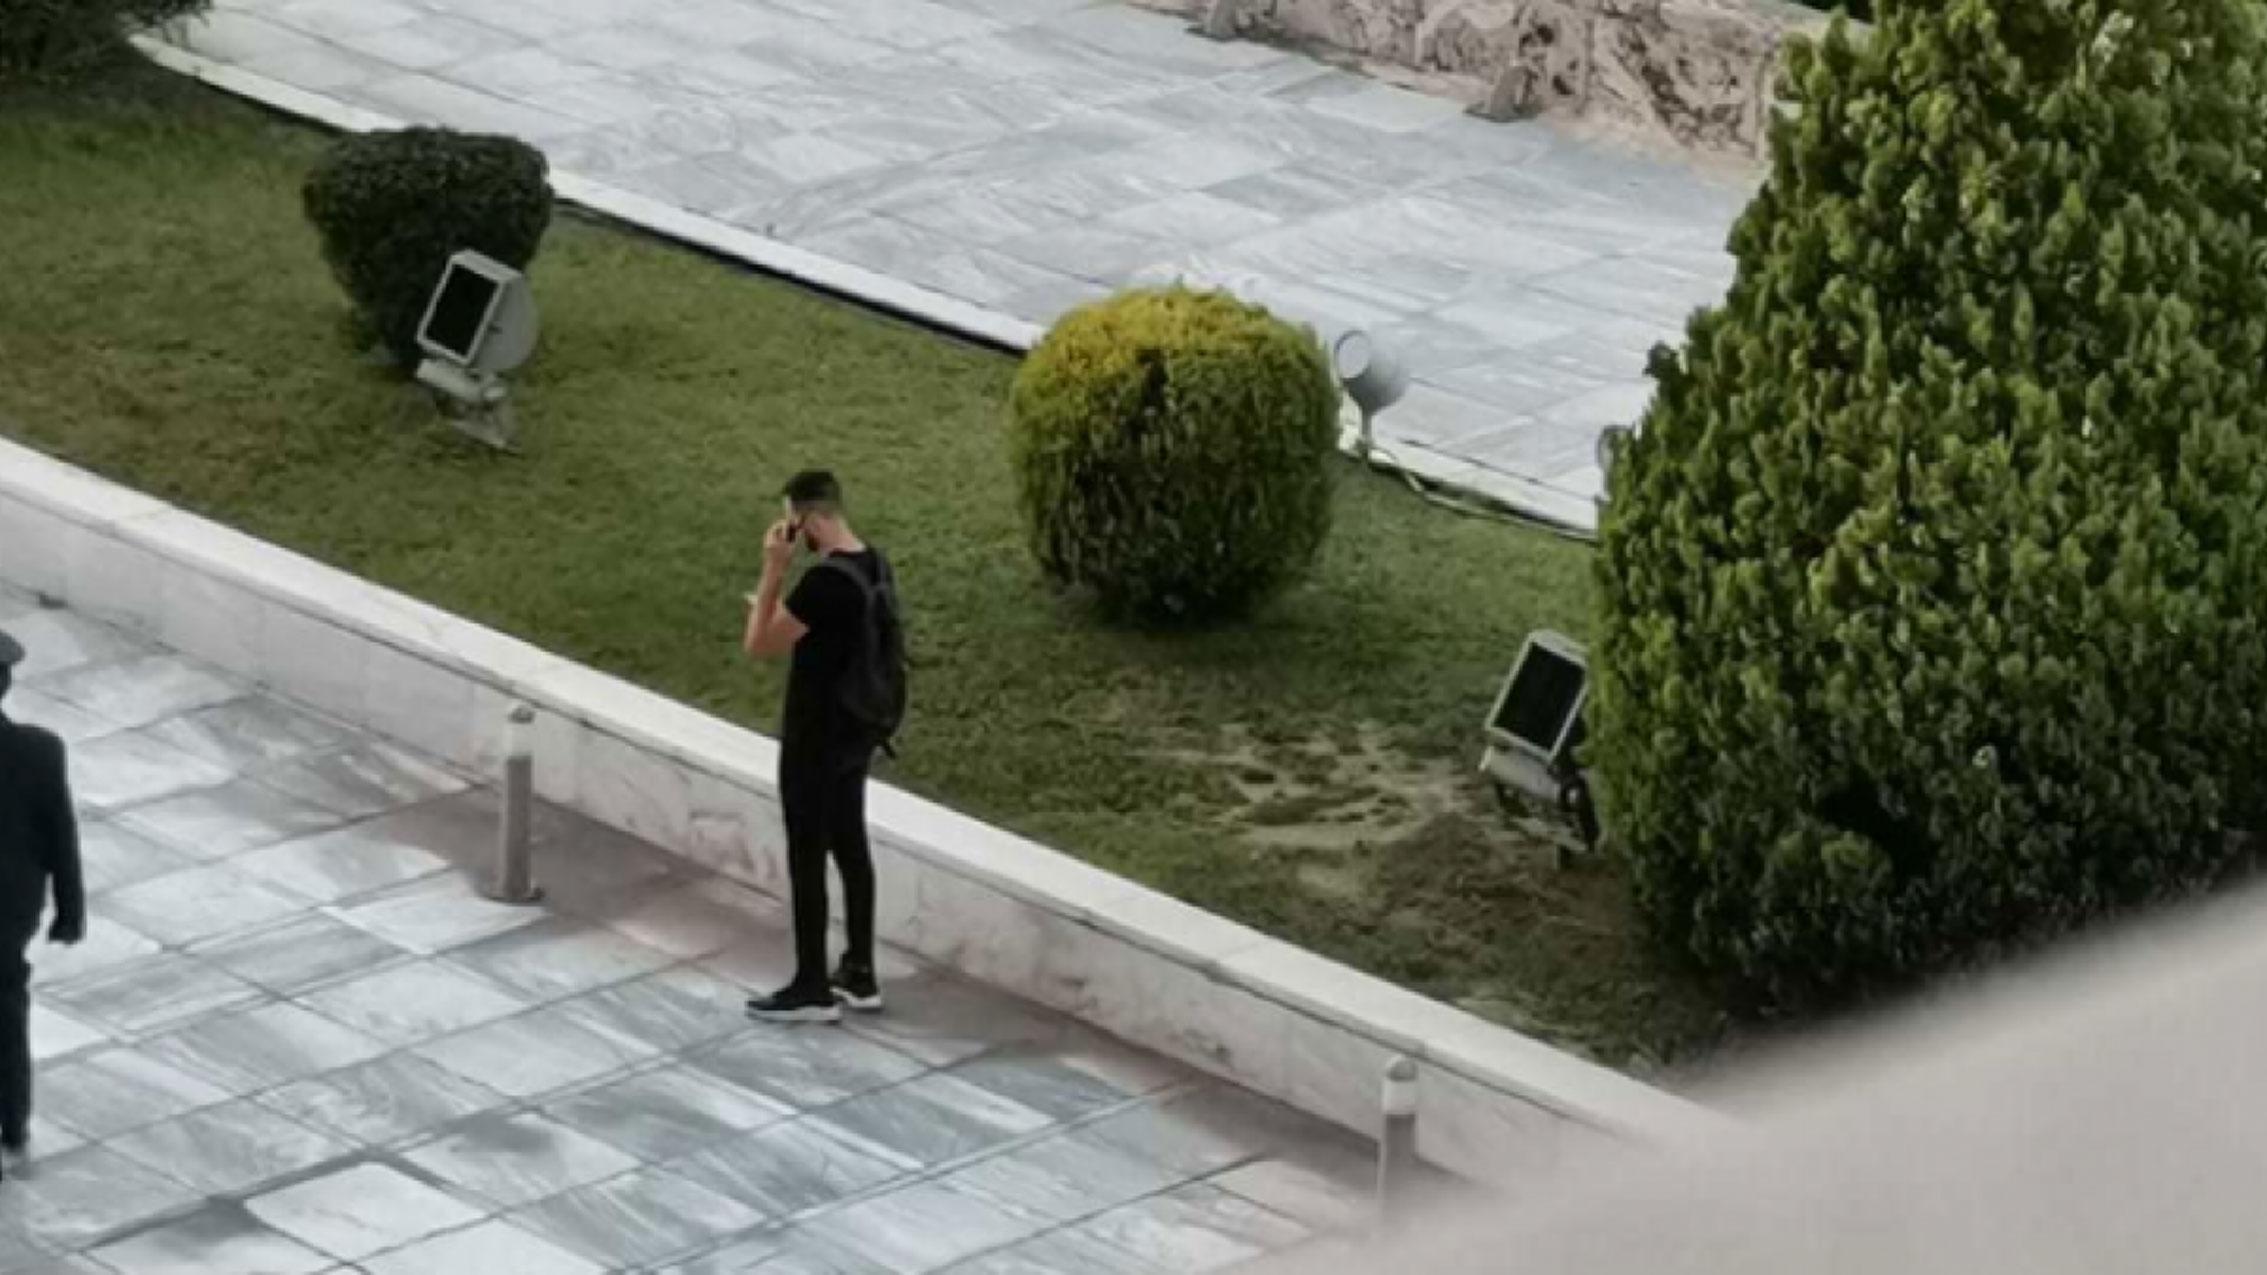 """Ψάχνουν να βρουν ποιος έβγαλε τη φωτογραφία του… """"ασφαλίτη"""" με το γουόκι τόκι"""